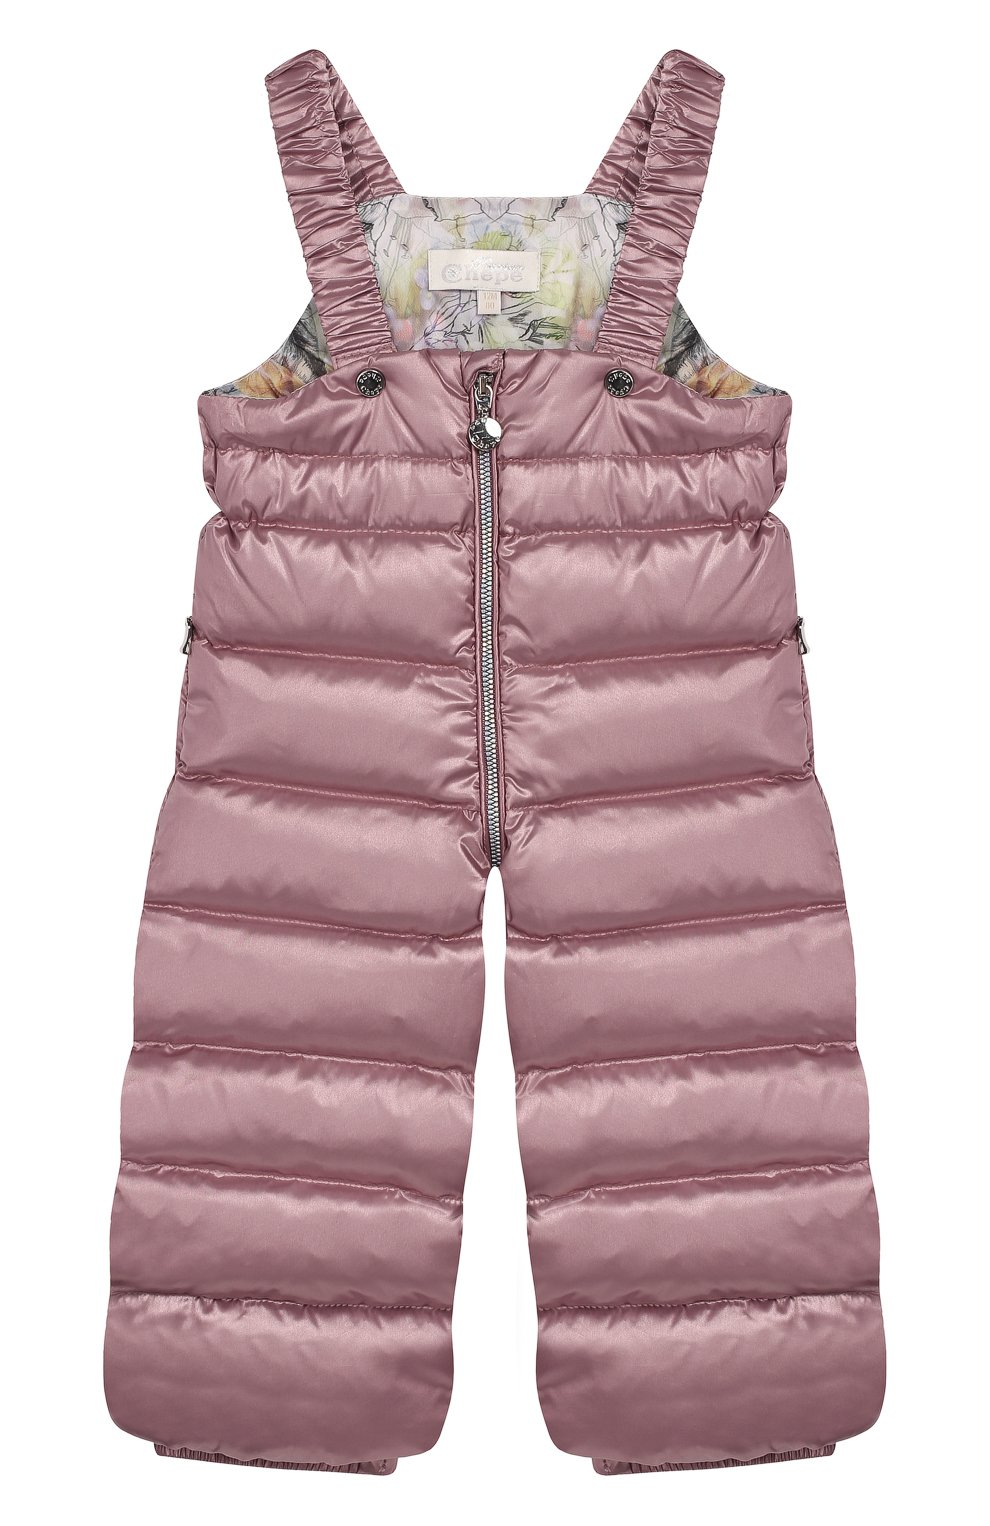 Детского комплект из пуховой куртки и комбинезона сиреневый сад CHEPE разноцветного цвета, арт. 392222 | Фото 2